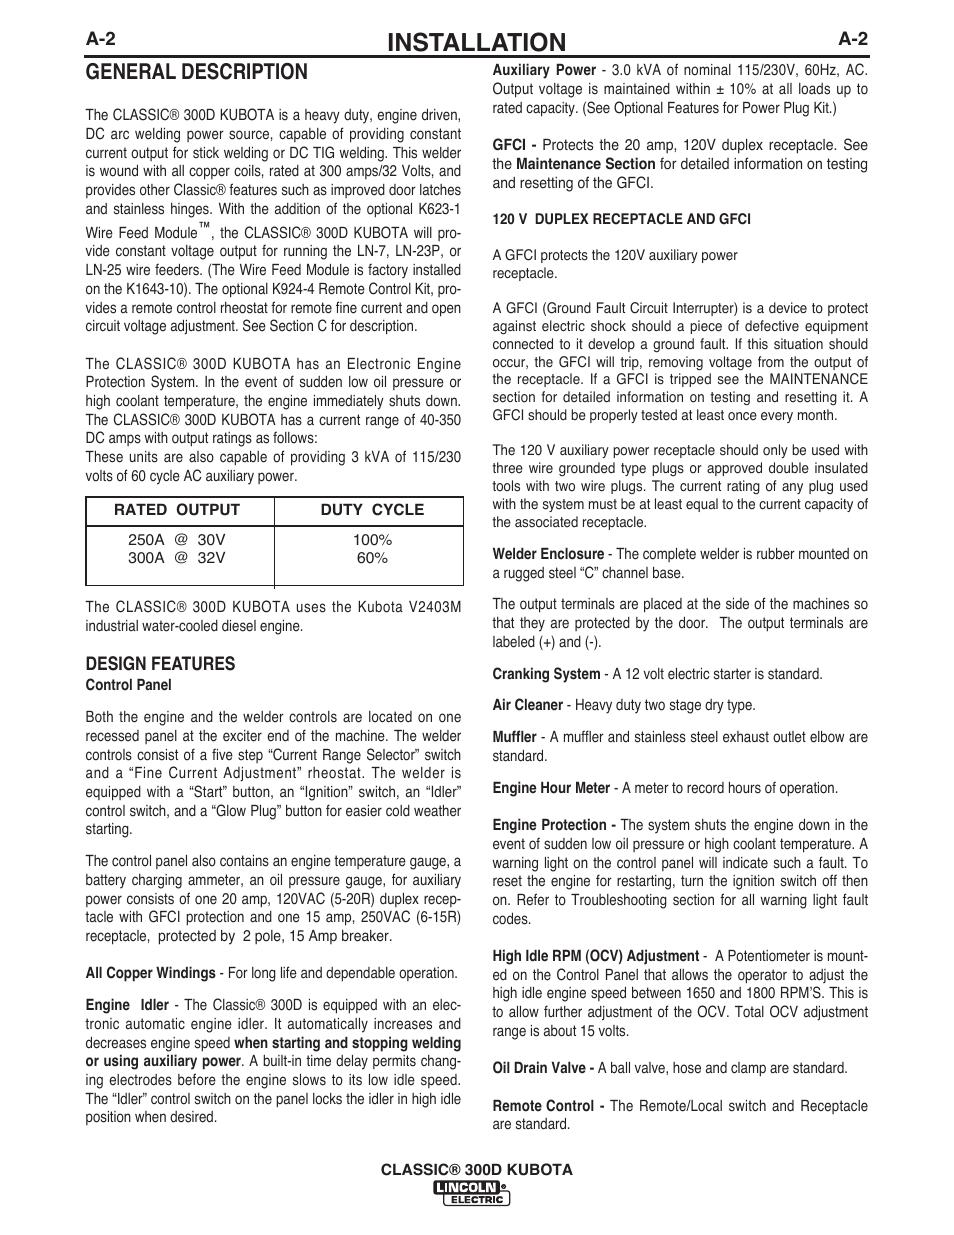 Installation, General description | Lincoln Electric IM996 CLASSIC